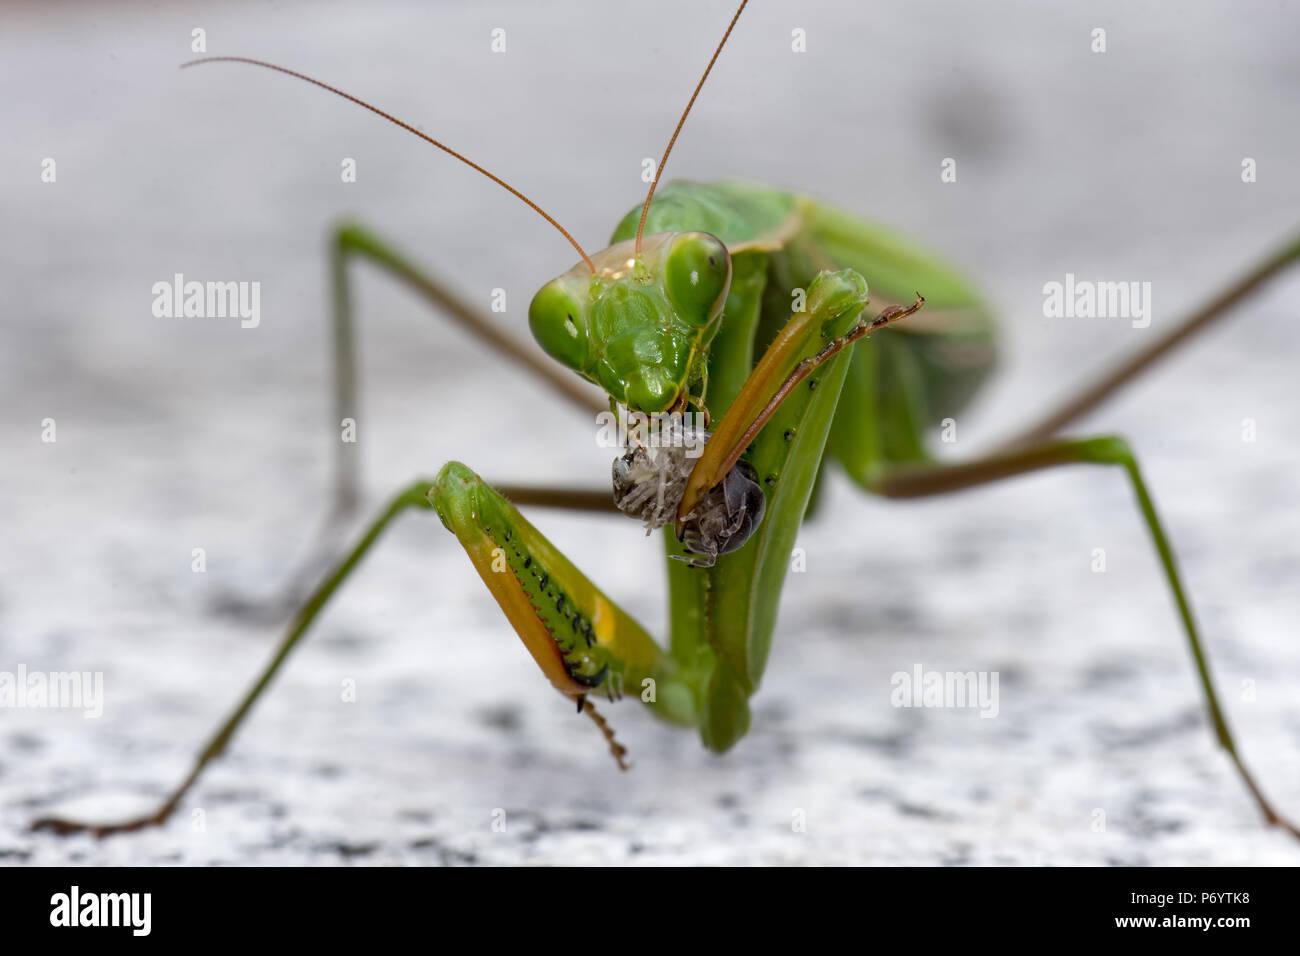 Farbe outdoor natürliche Tierwelt hautnah Makrofotografie eines einzigen Grün isoliert Gottesanbeterin beim Essen Stockbild